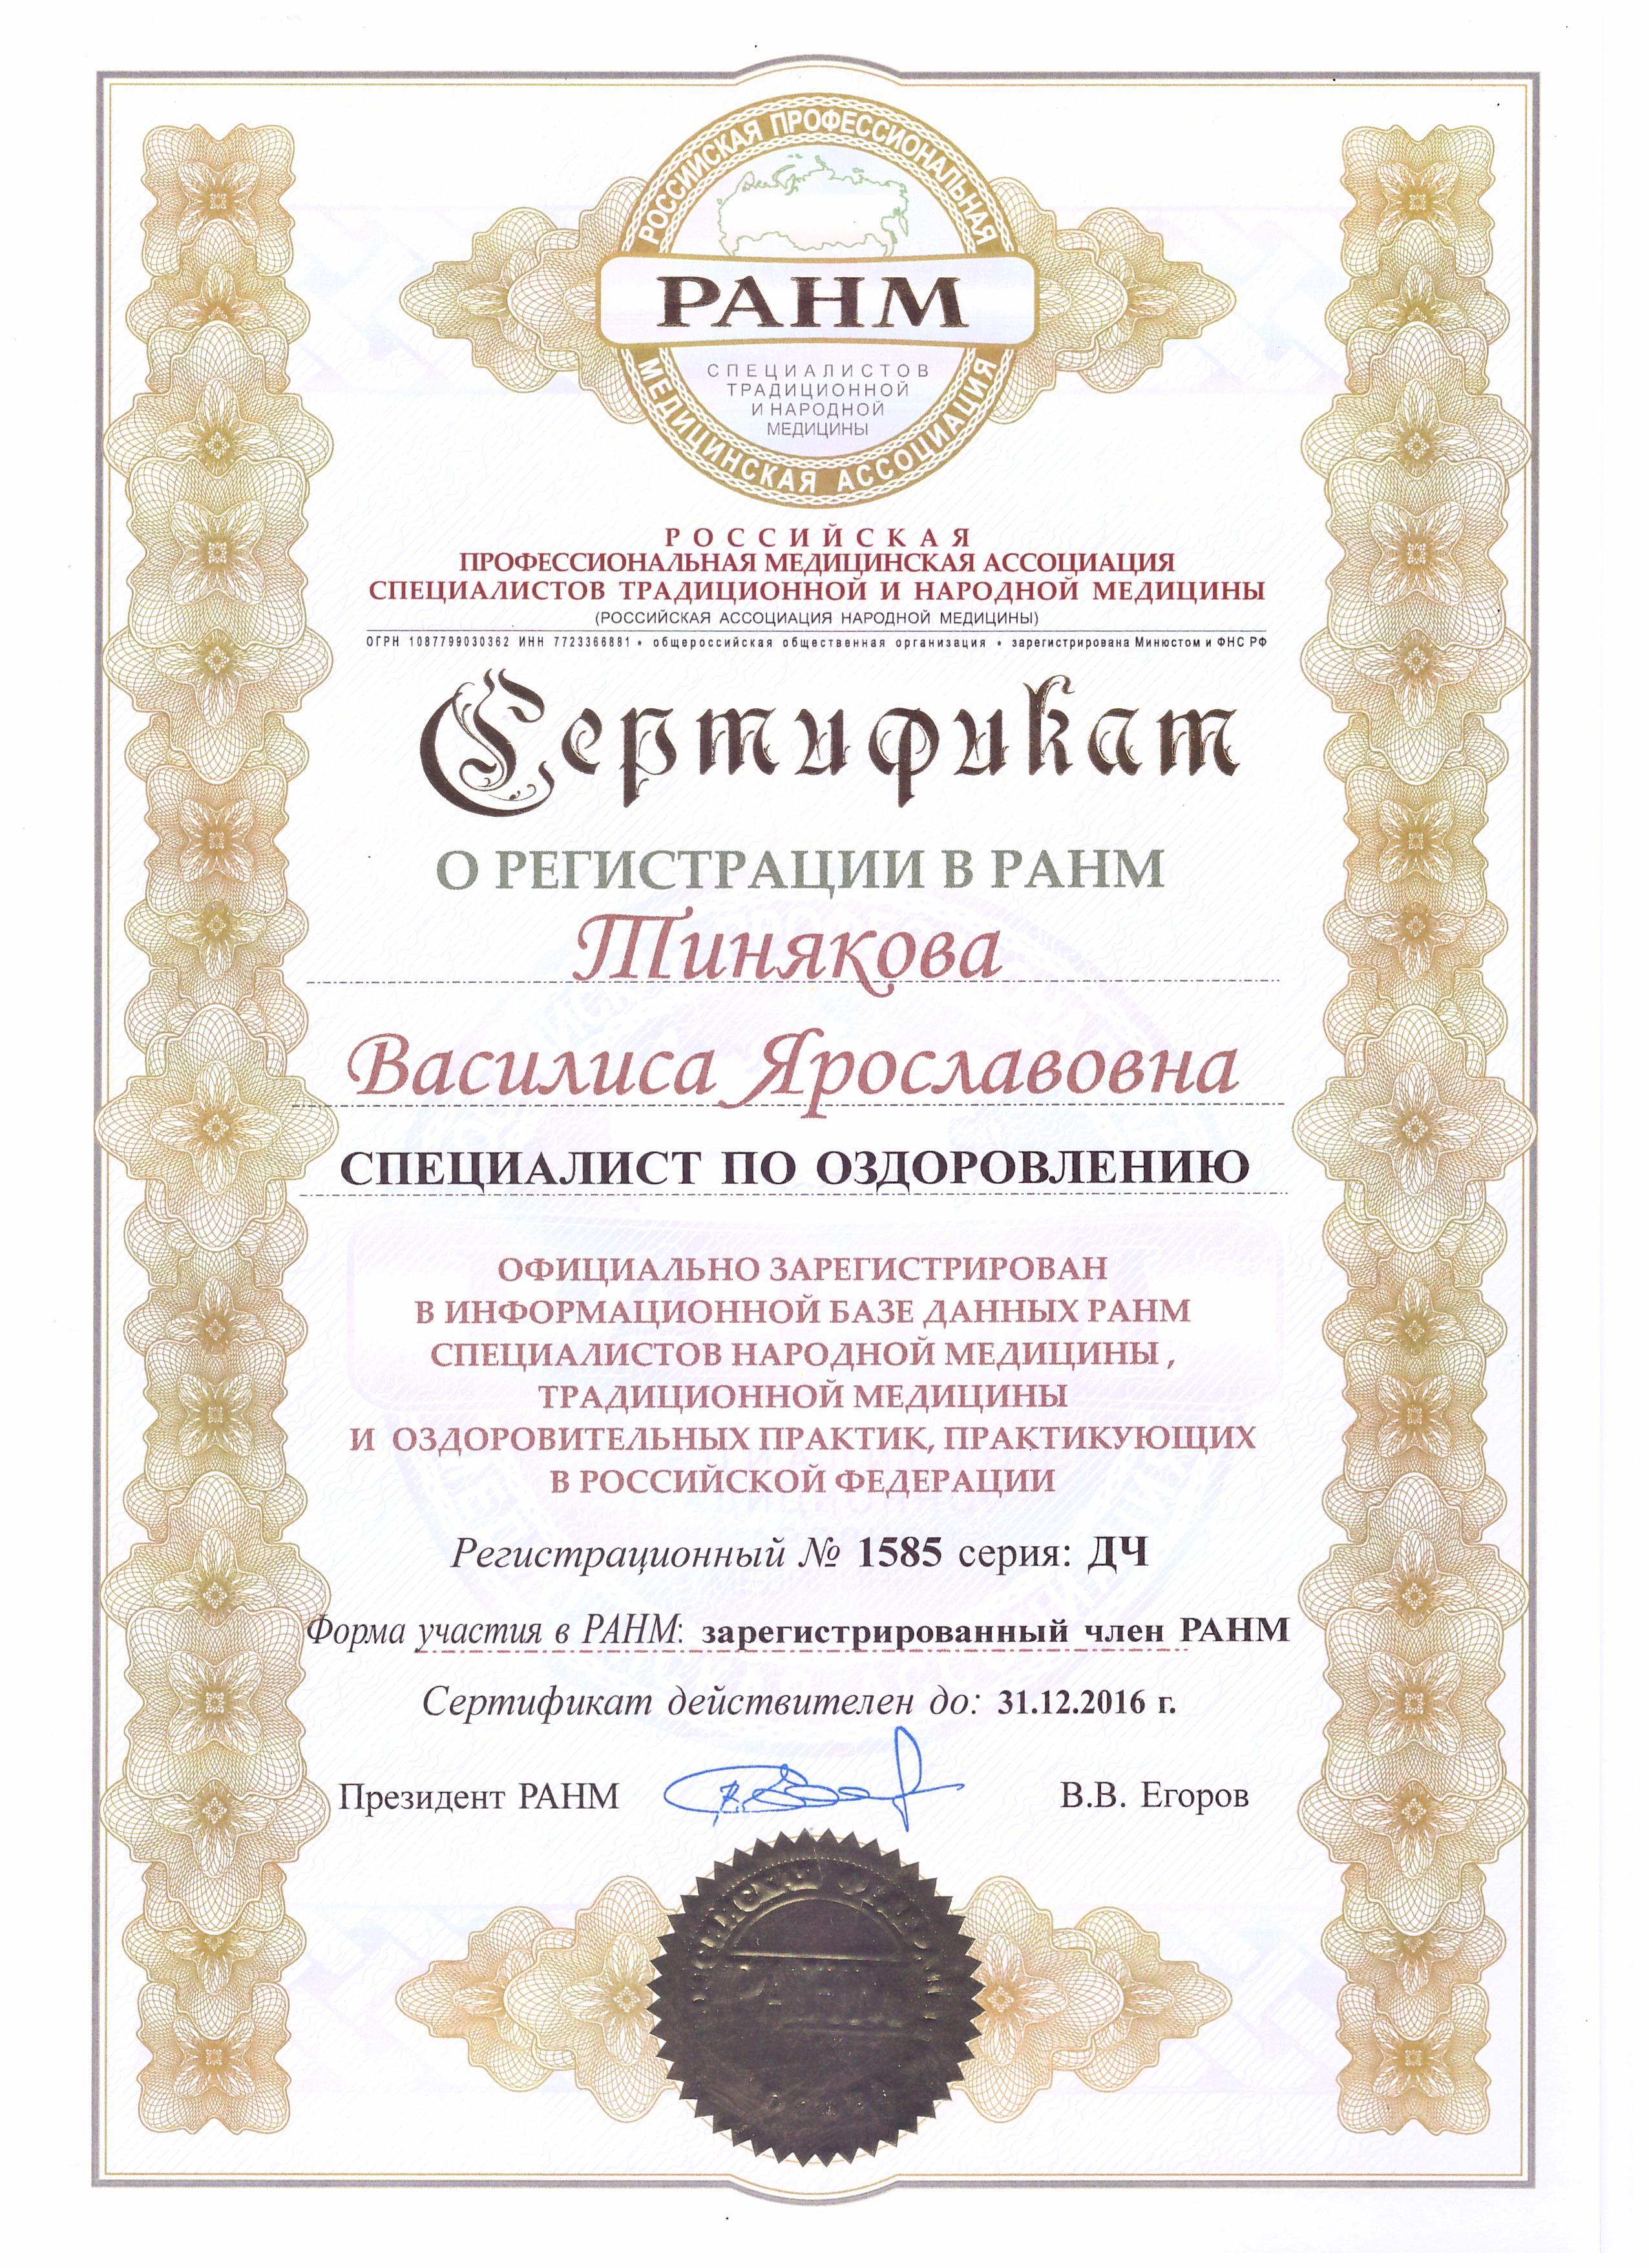 akkreditatsia_012